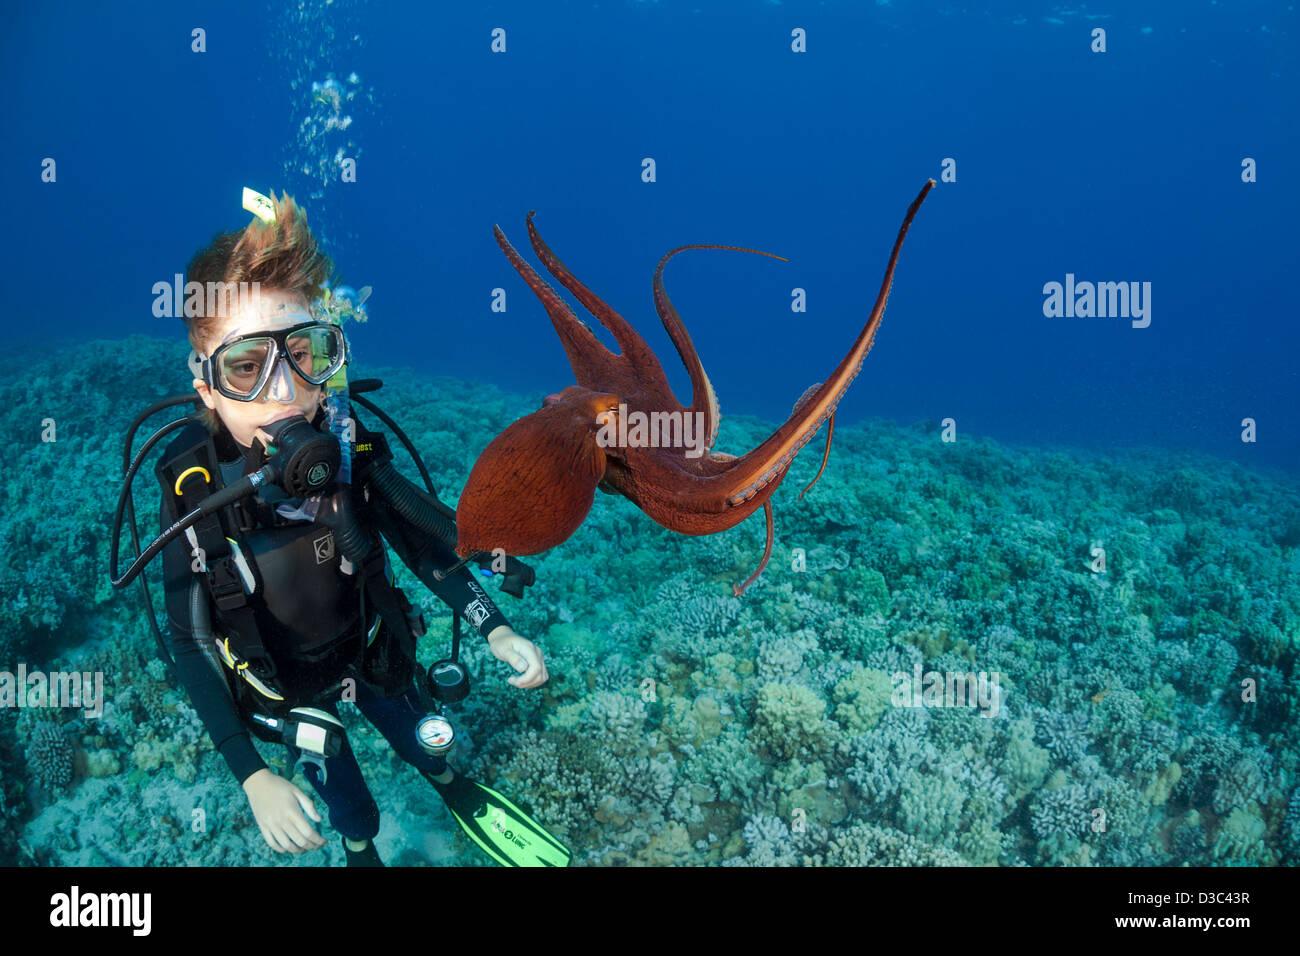 Plongeur, Sean Fleetham (MR), obtient son premier regard sur une journée, octopus Octopus cyanea, Maui, Hawaii. Photo Stock